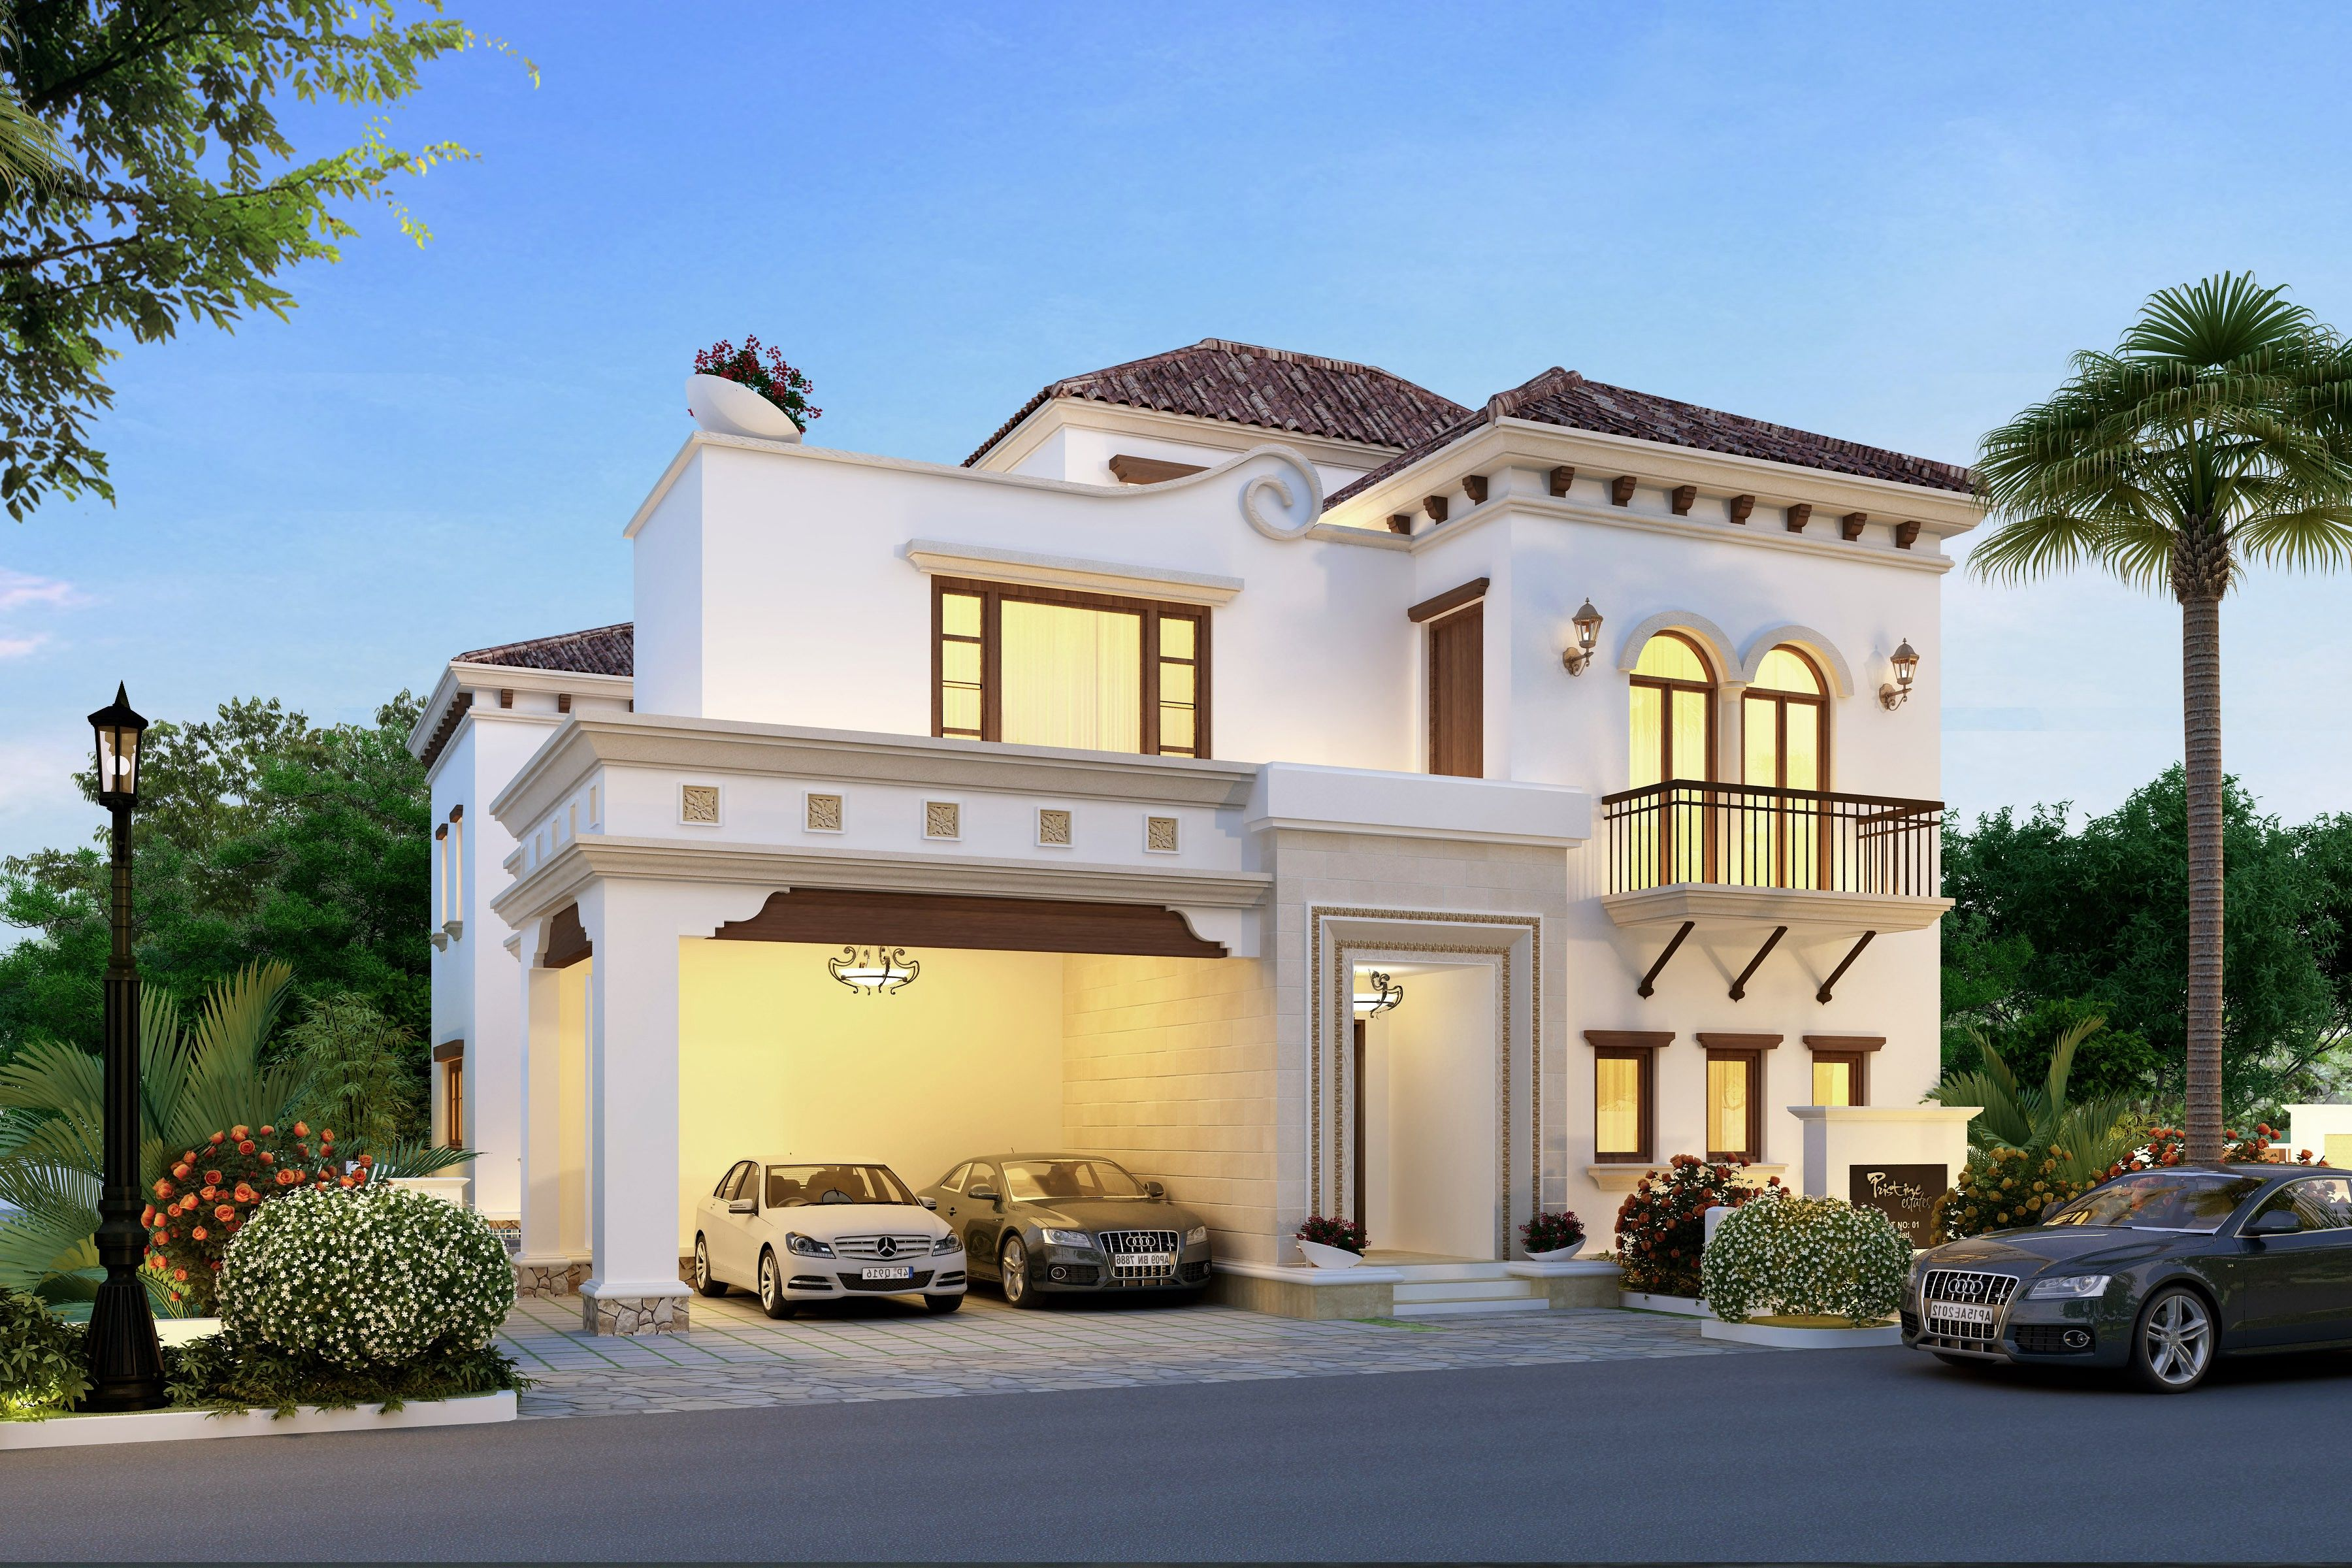 Prathima Group launches Spanish Mediterranean villas in Hyderabad